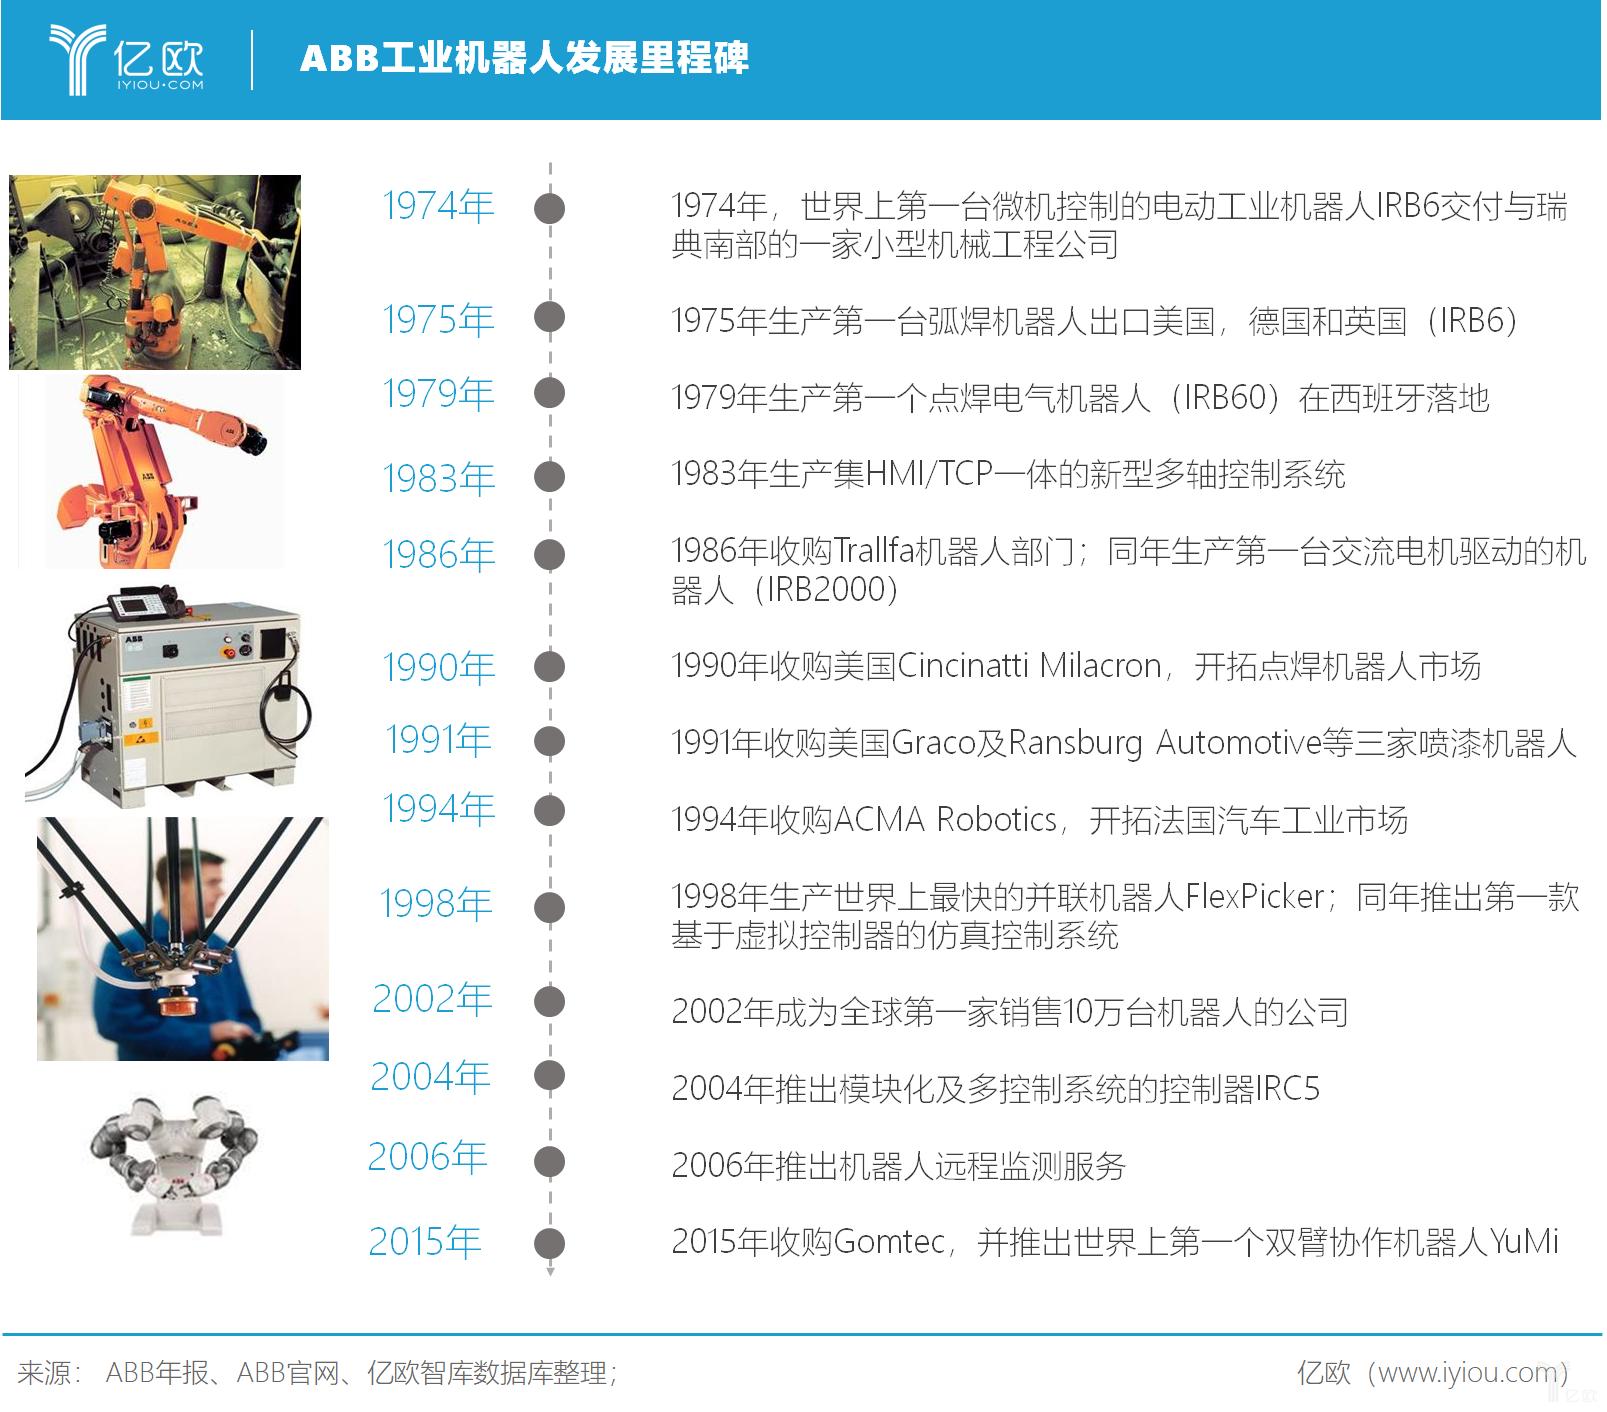 亿欧智库:ABB工业机器人发展里程碑